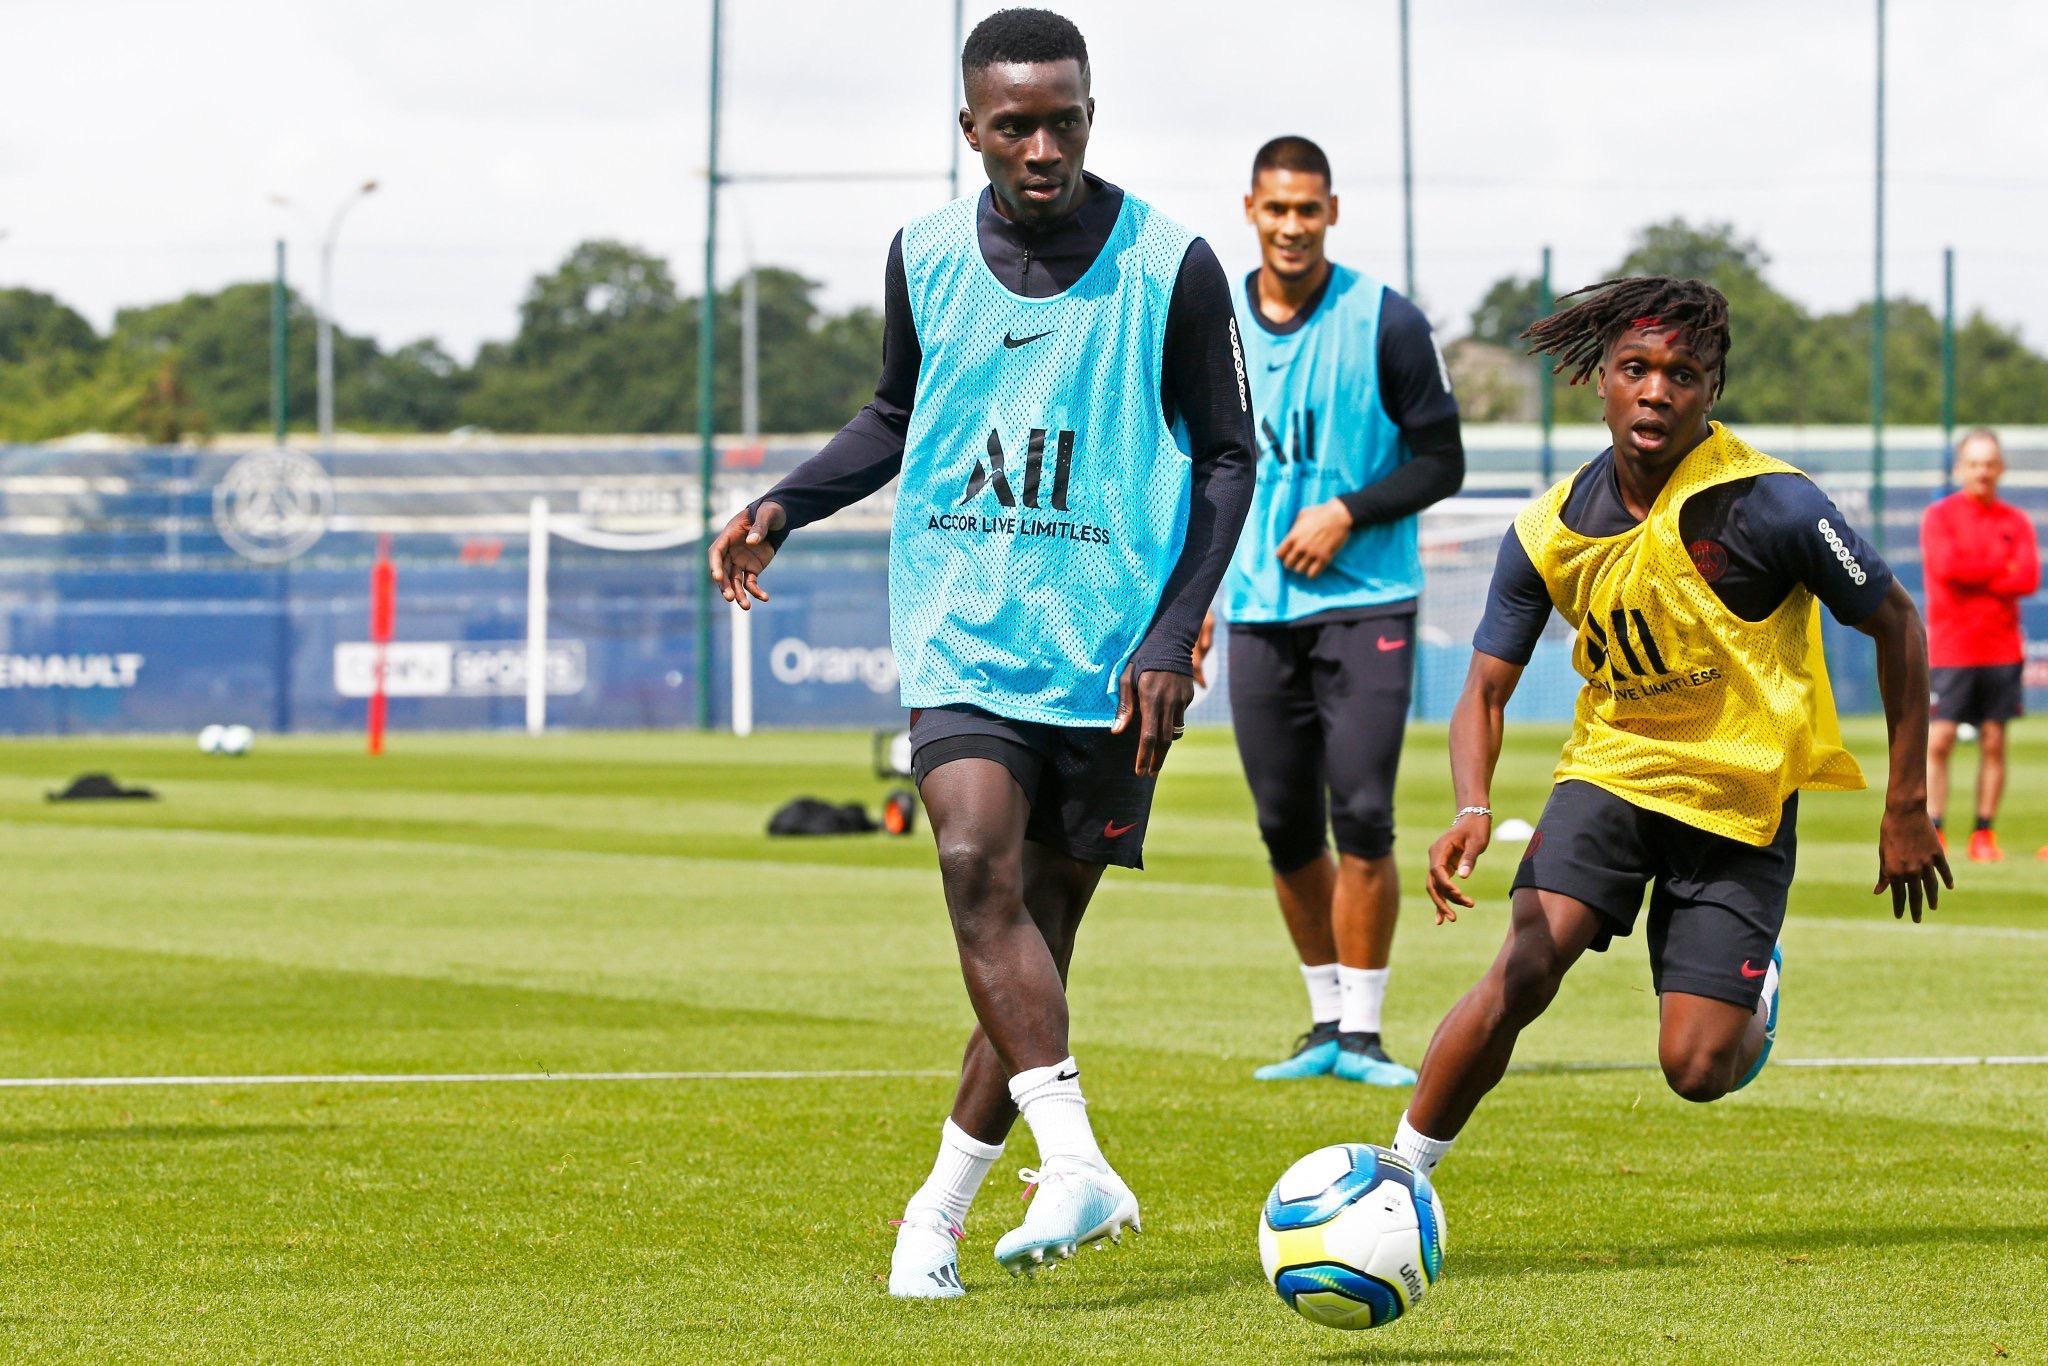 Paris Saint-Germain: Gana Gueye a effectué sa première séance d'entrainement